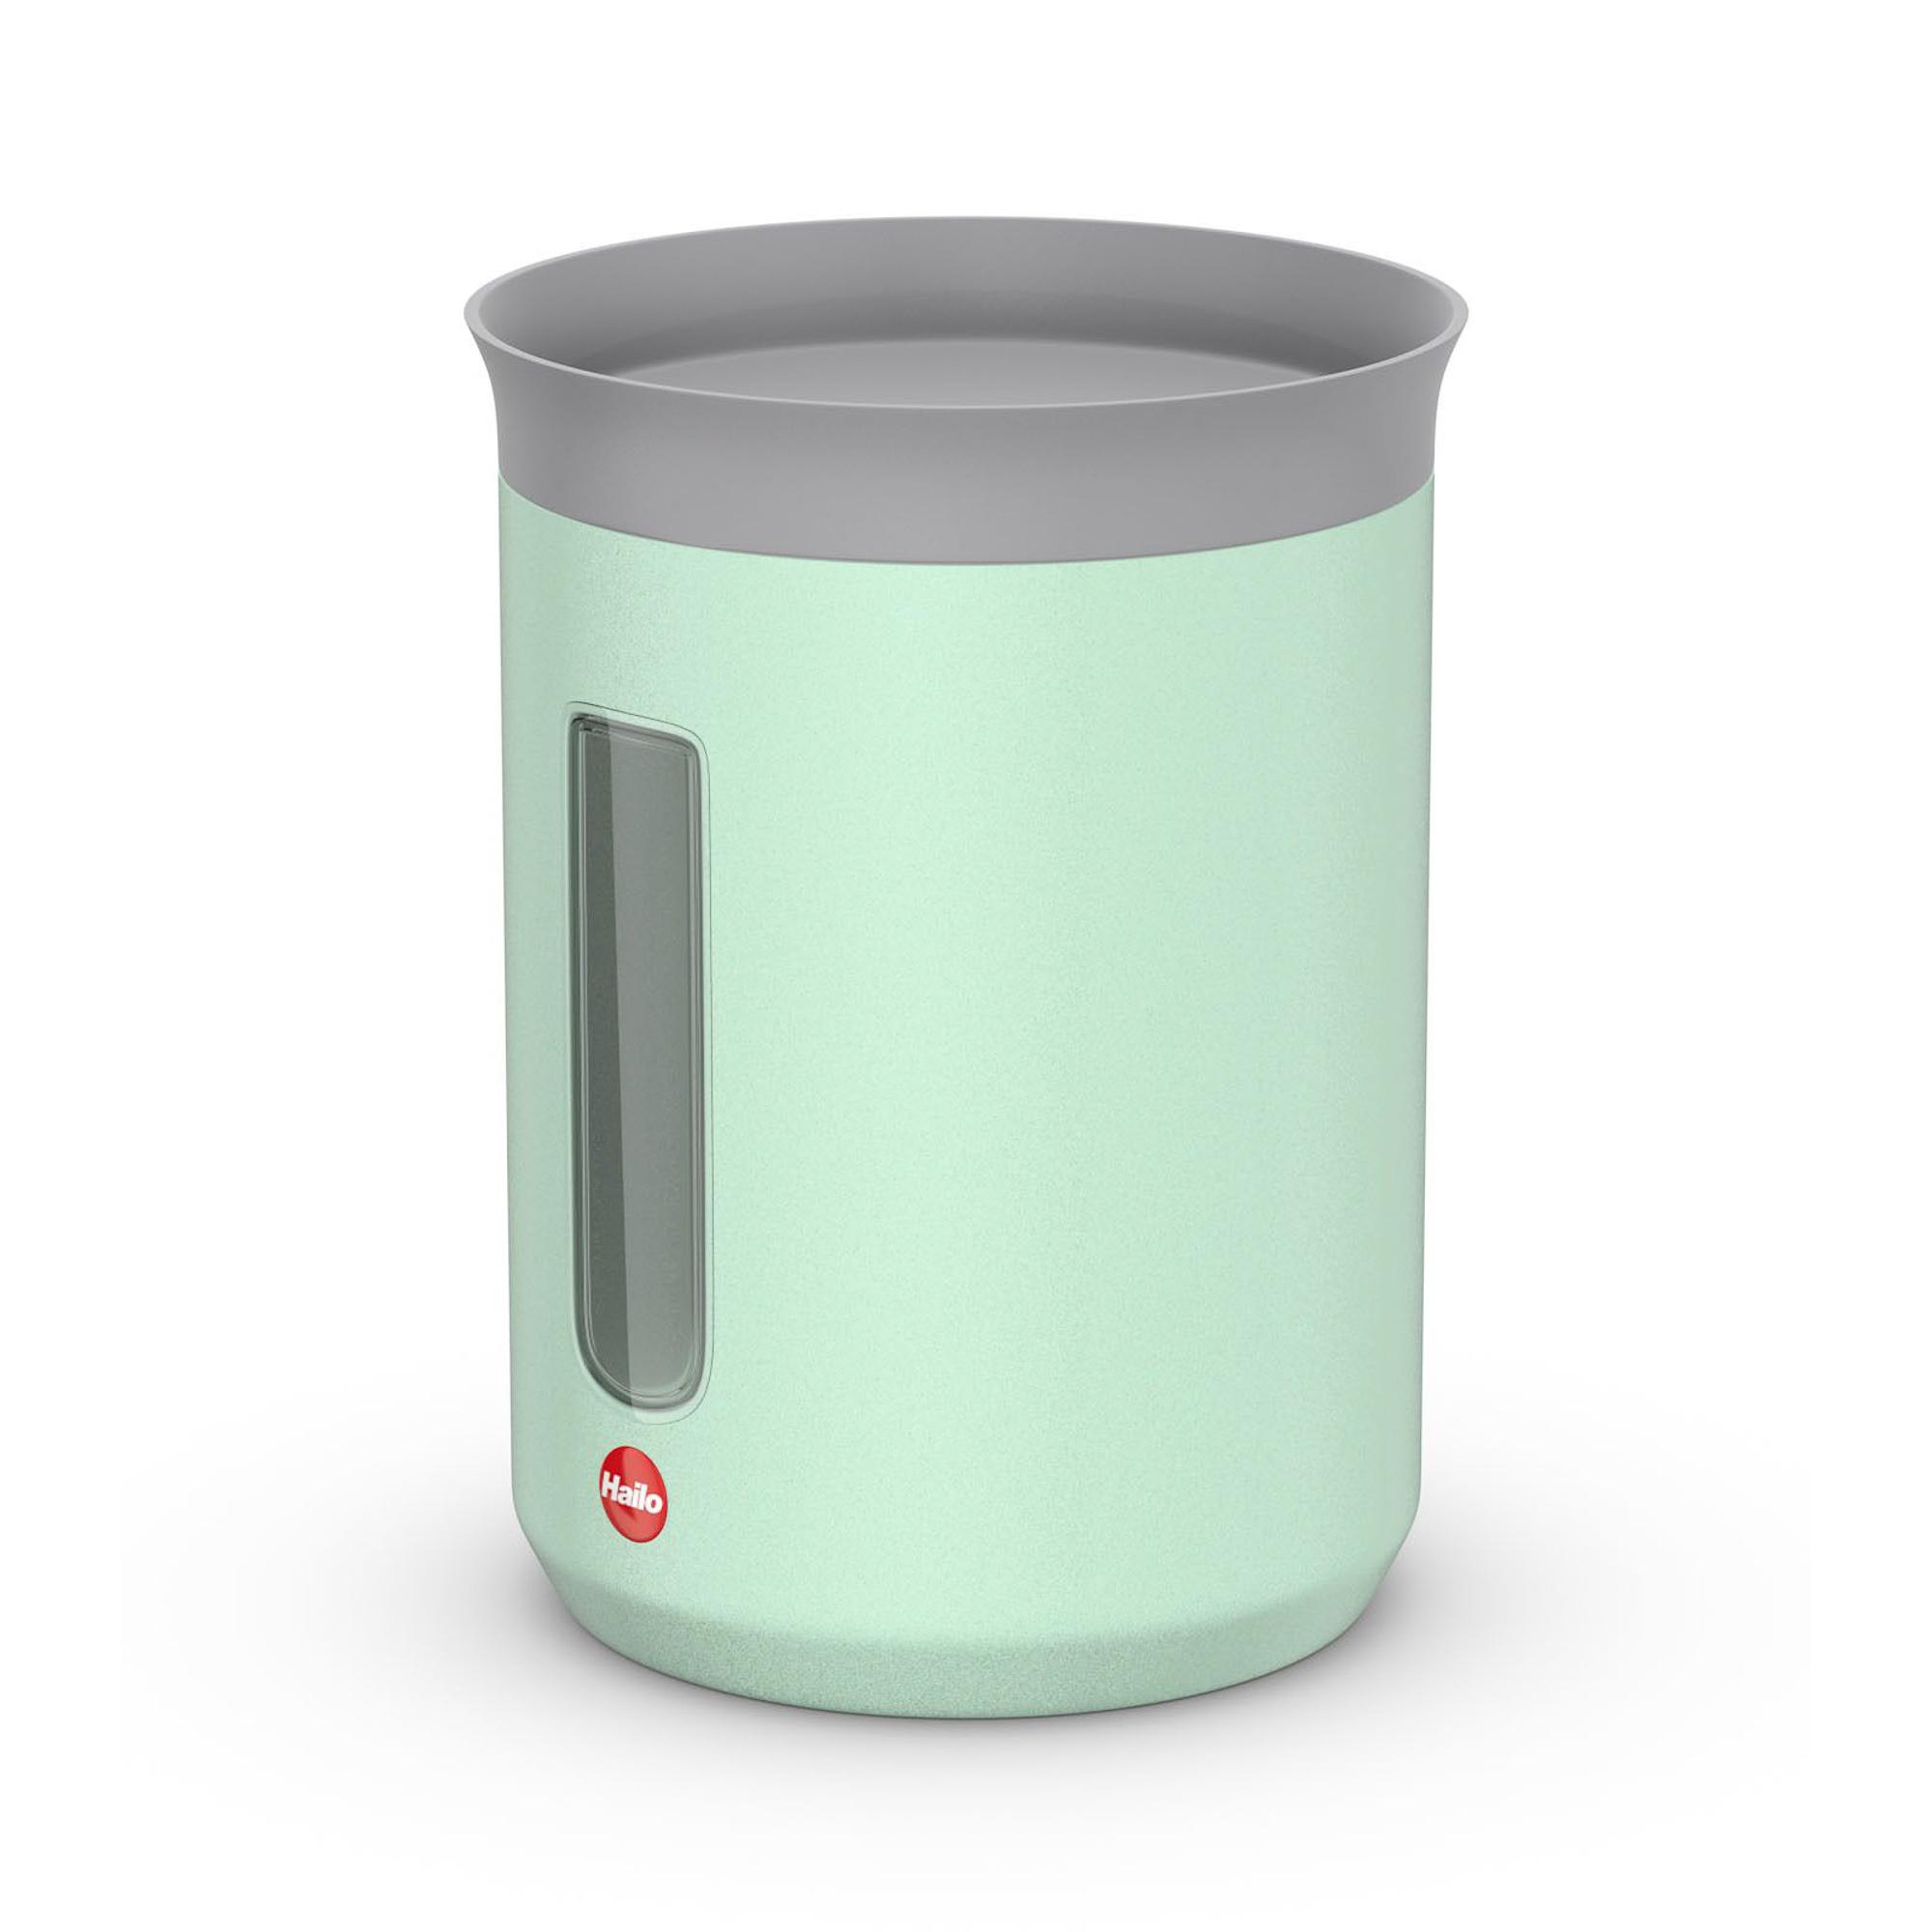 Контейнер металлический для хранения сыпучих продуктов 0.8 л Hailo мятный матовый.